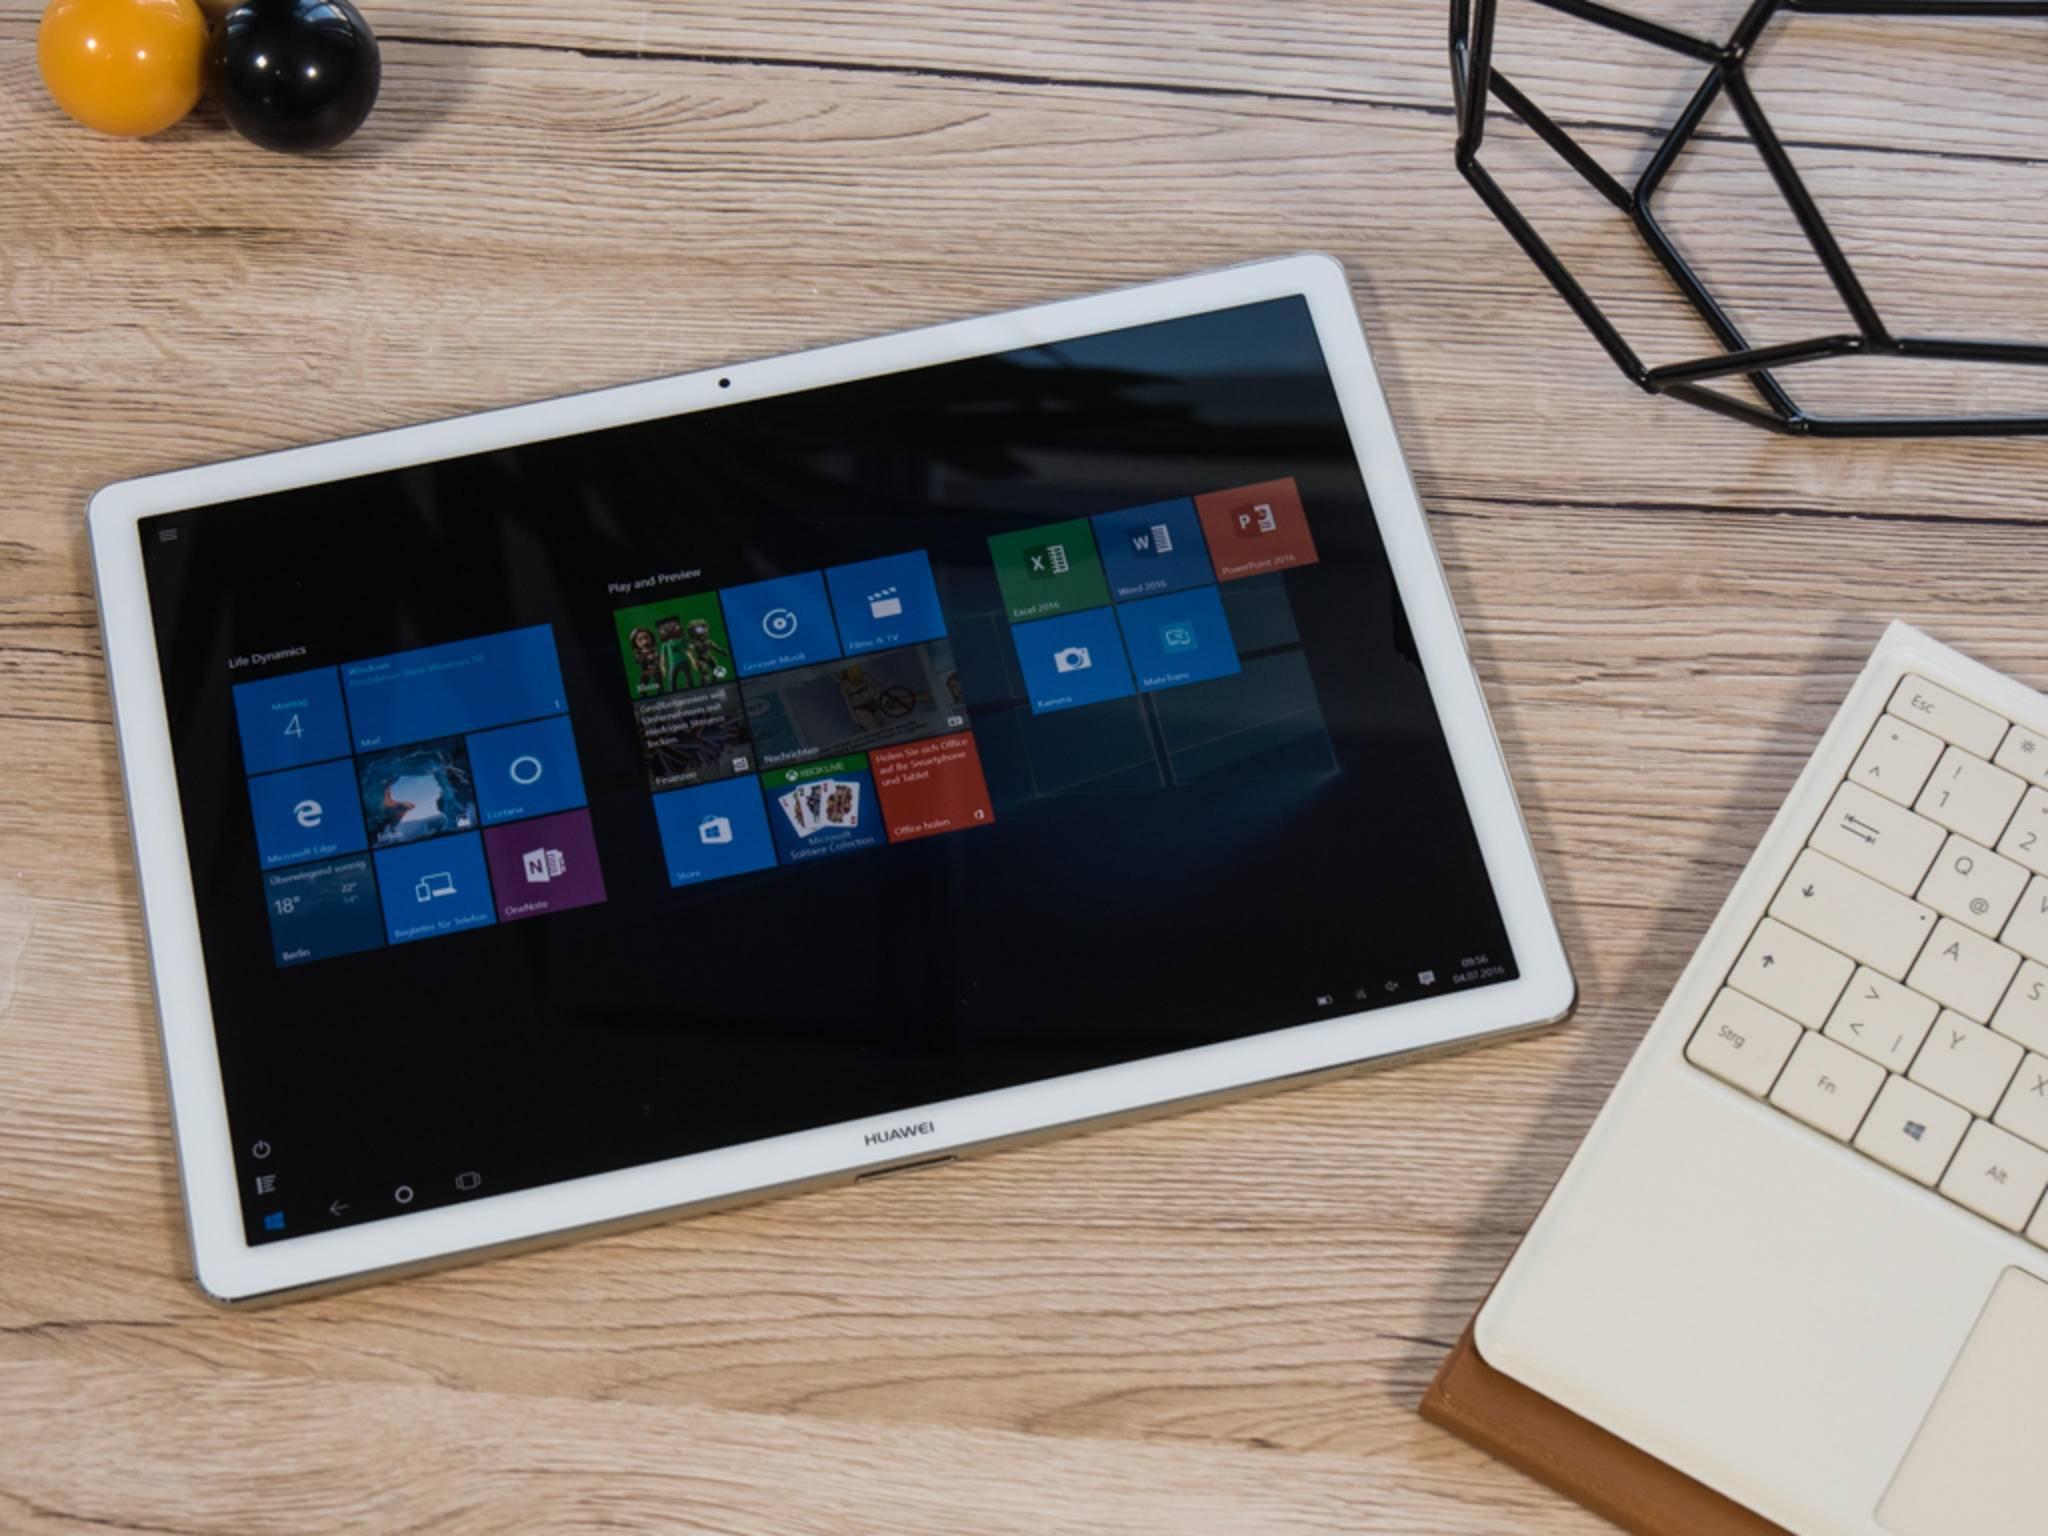 Das Huawei MateBook erinnert optisch stark an das iPad Pro.